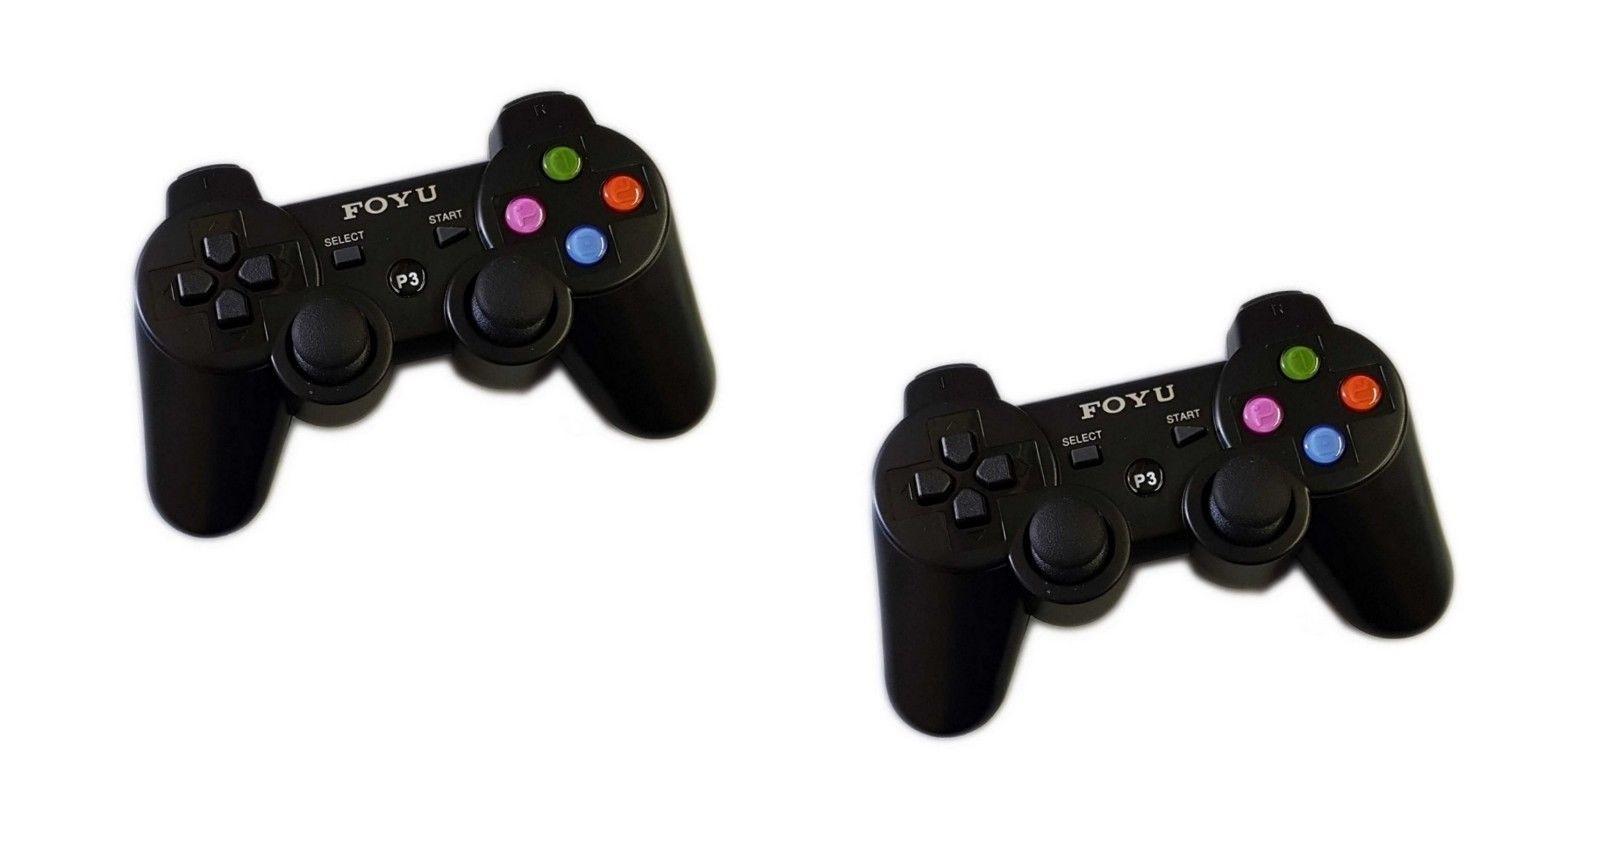 Kit 2 Controllers Compatibili PS3 PC Joystick Wireless Senza Filo Vibrazione